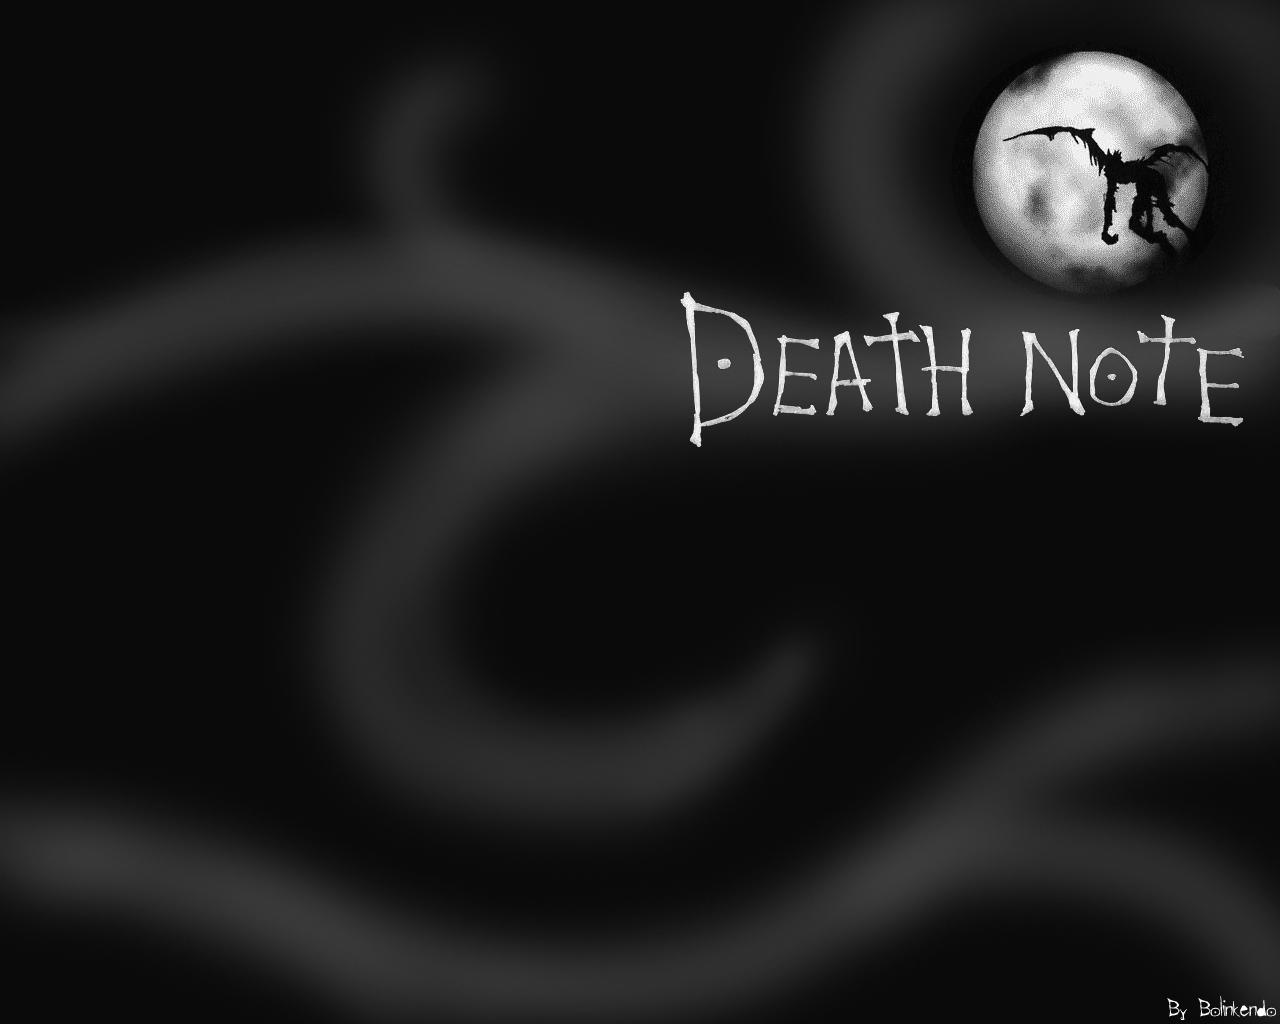 Death note iphone wallpaper tumblr - Http 4 Bp Blogspot Com _qdw5nyqnozc Tj00 Dead Note Wallpaper